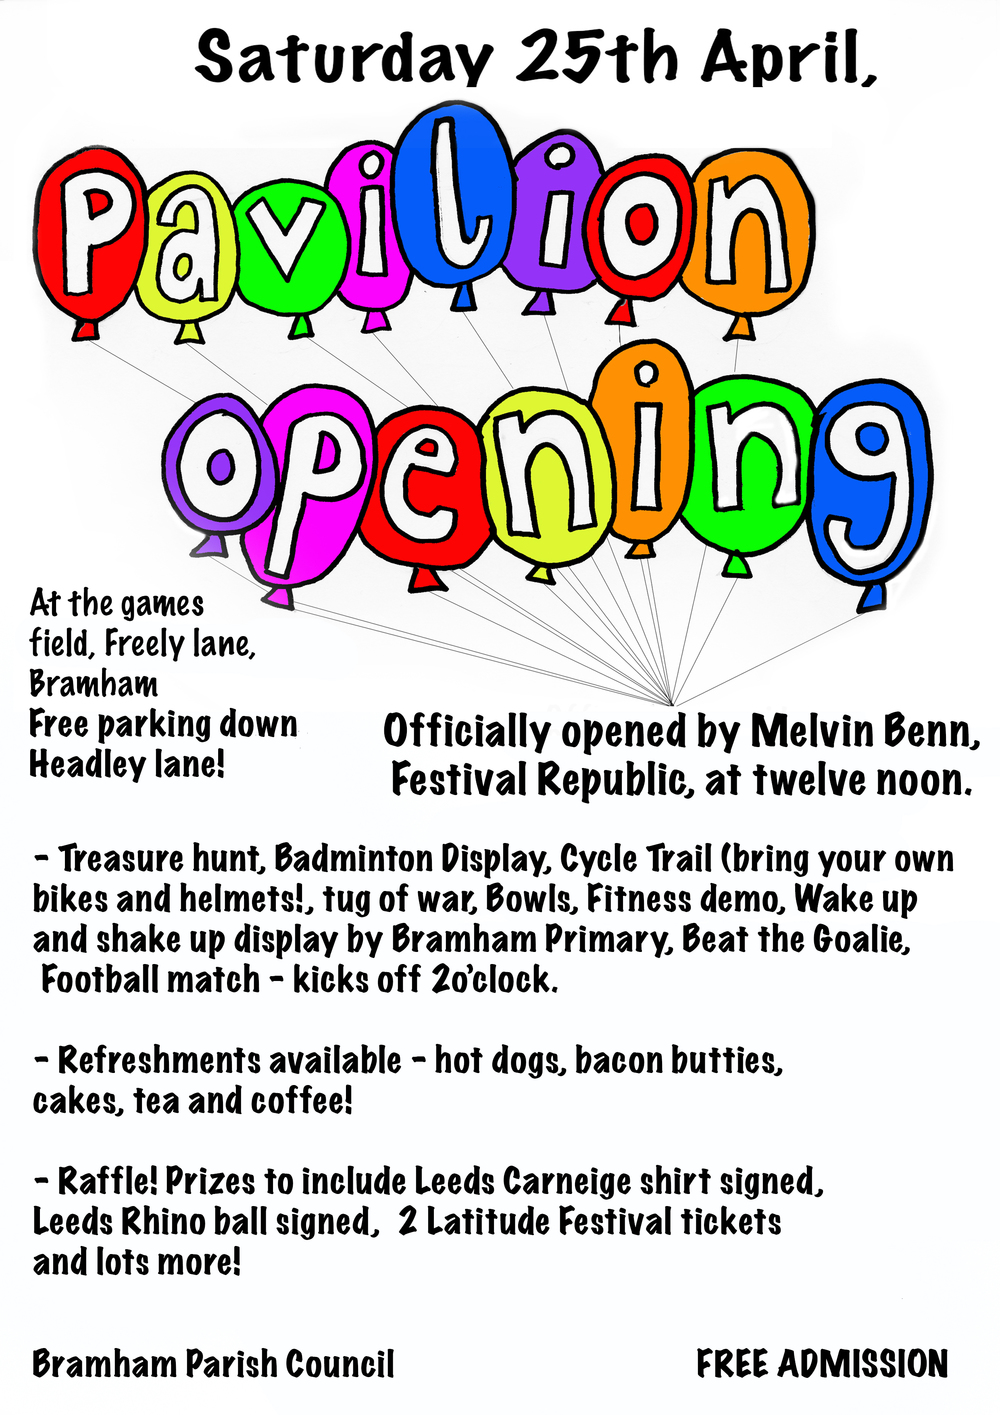 pavilion opening